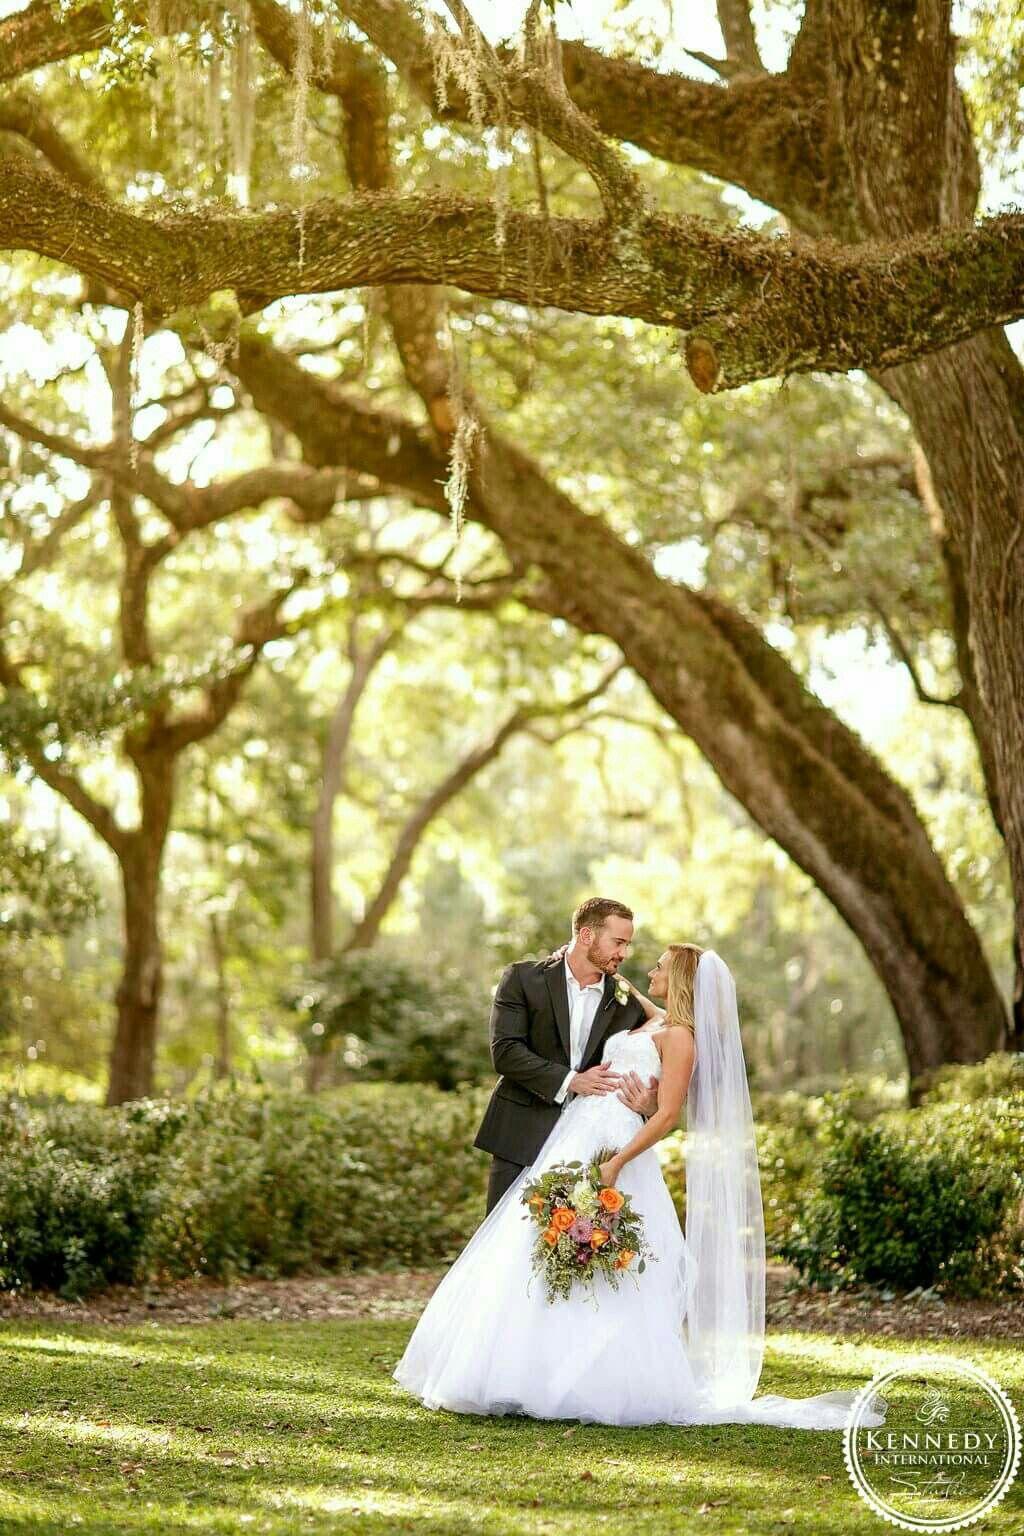 Eden Gardens State Park Oak Tree Fall Wedding Outdoor Wedding Santa Rosa Beach Florida